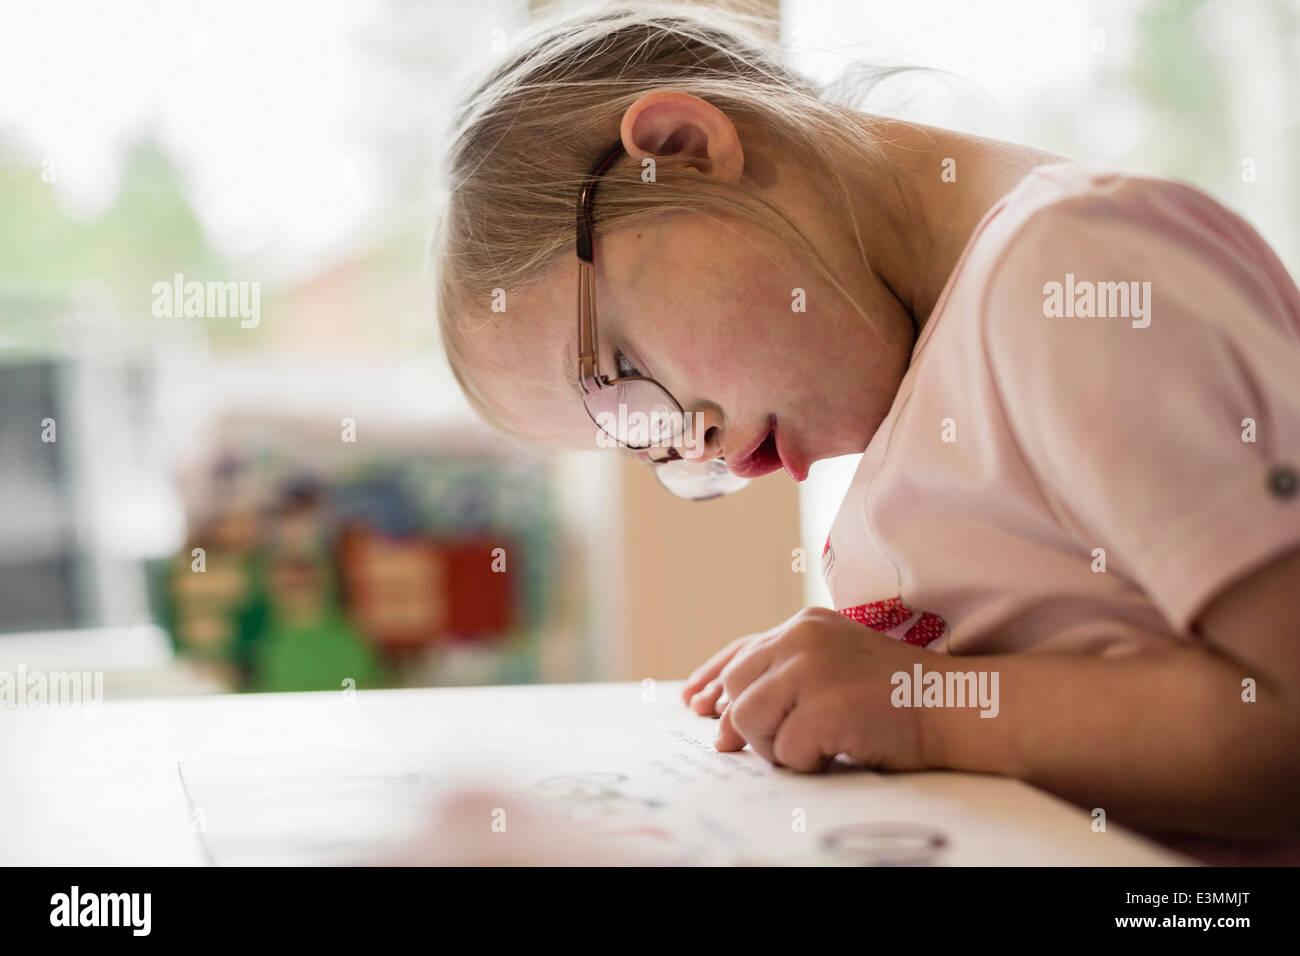 La ragazza con la sindrome di down che studiano a tavola Immagini Stock